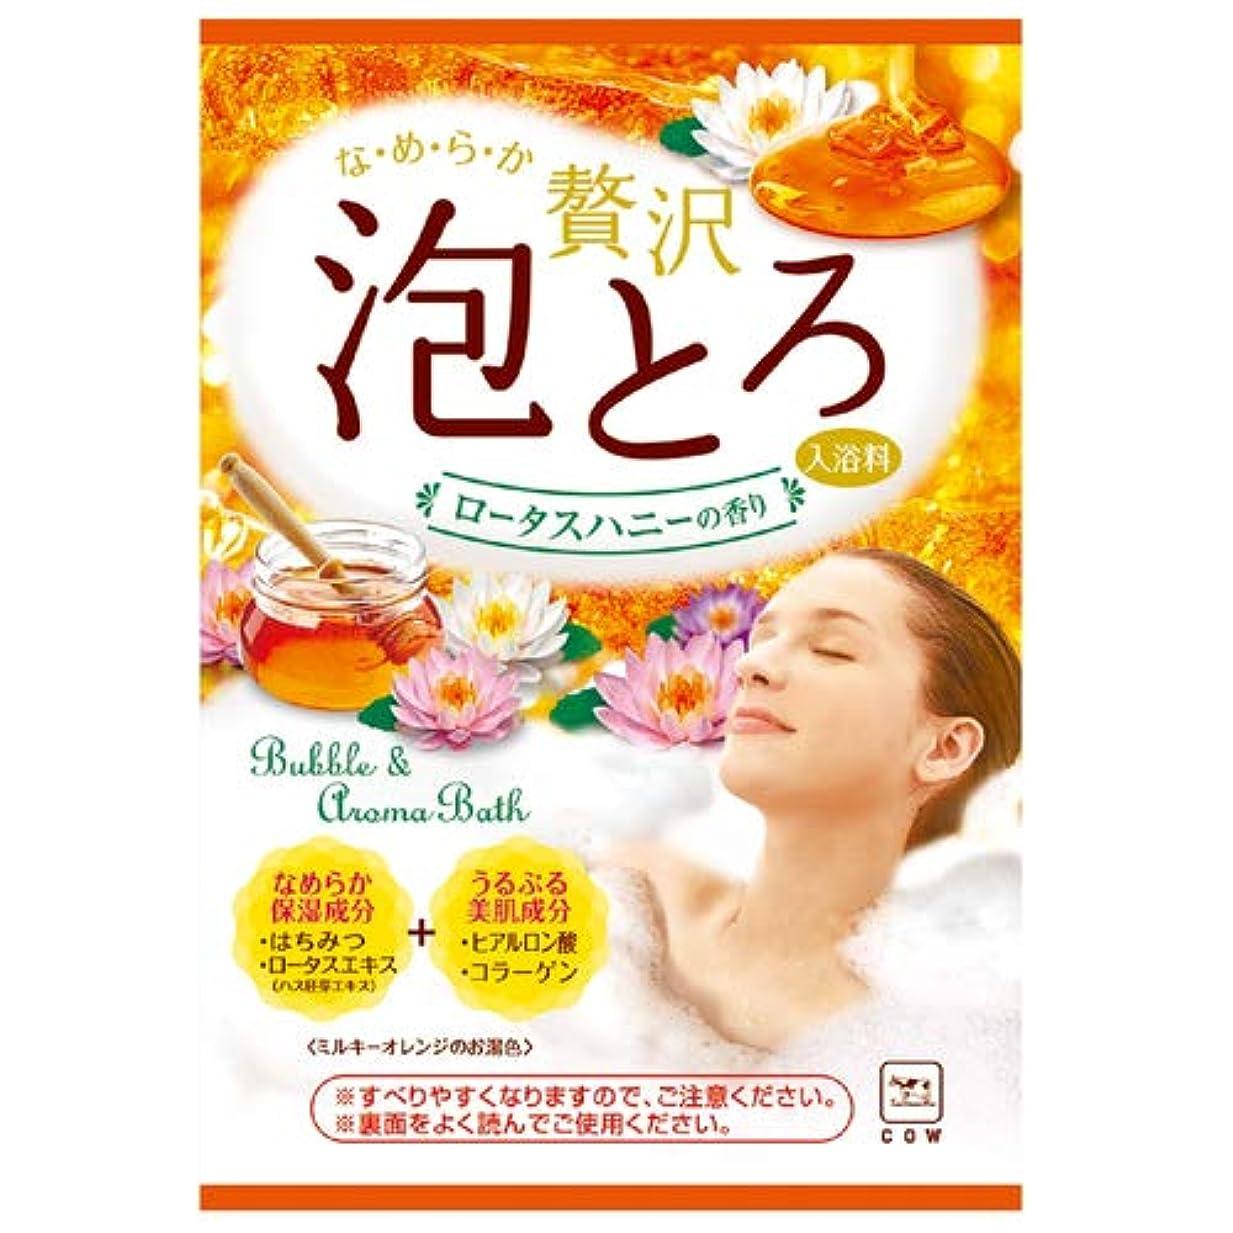 噴出するのどエイリアスお湯物語 贅沢泡とろ入浴料 ロータスハニーの香り 30g